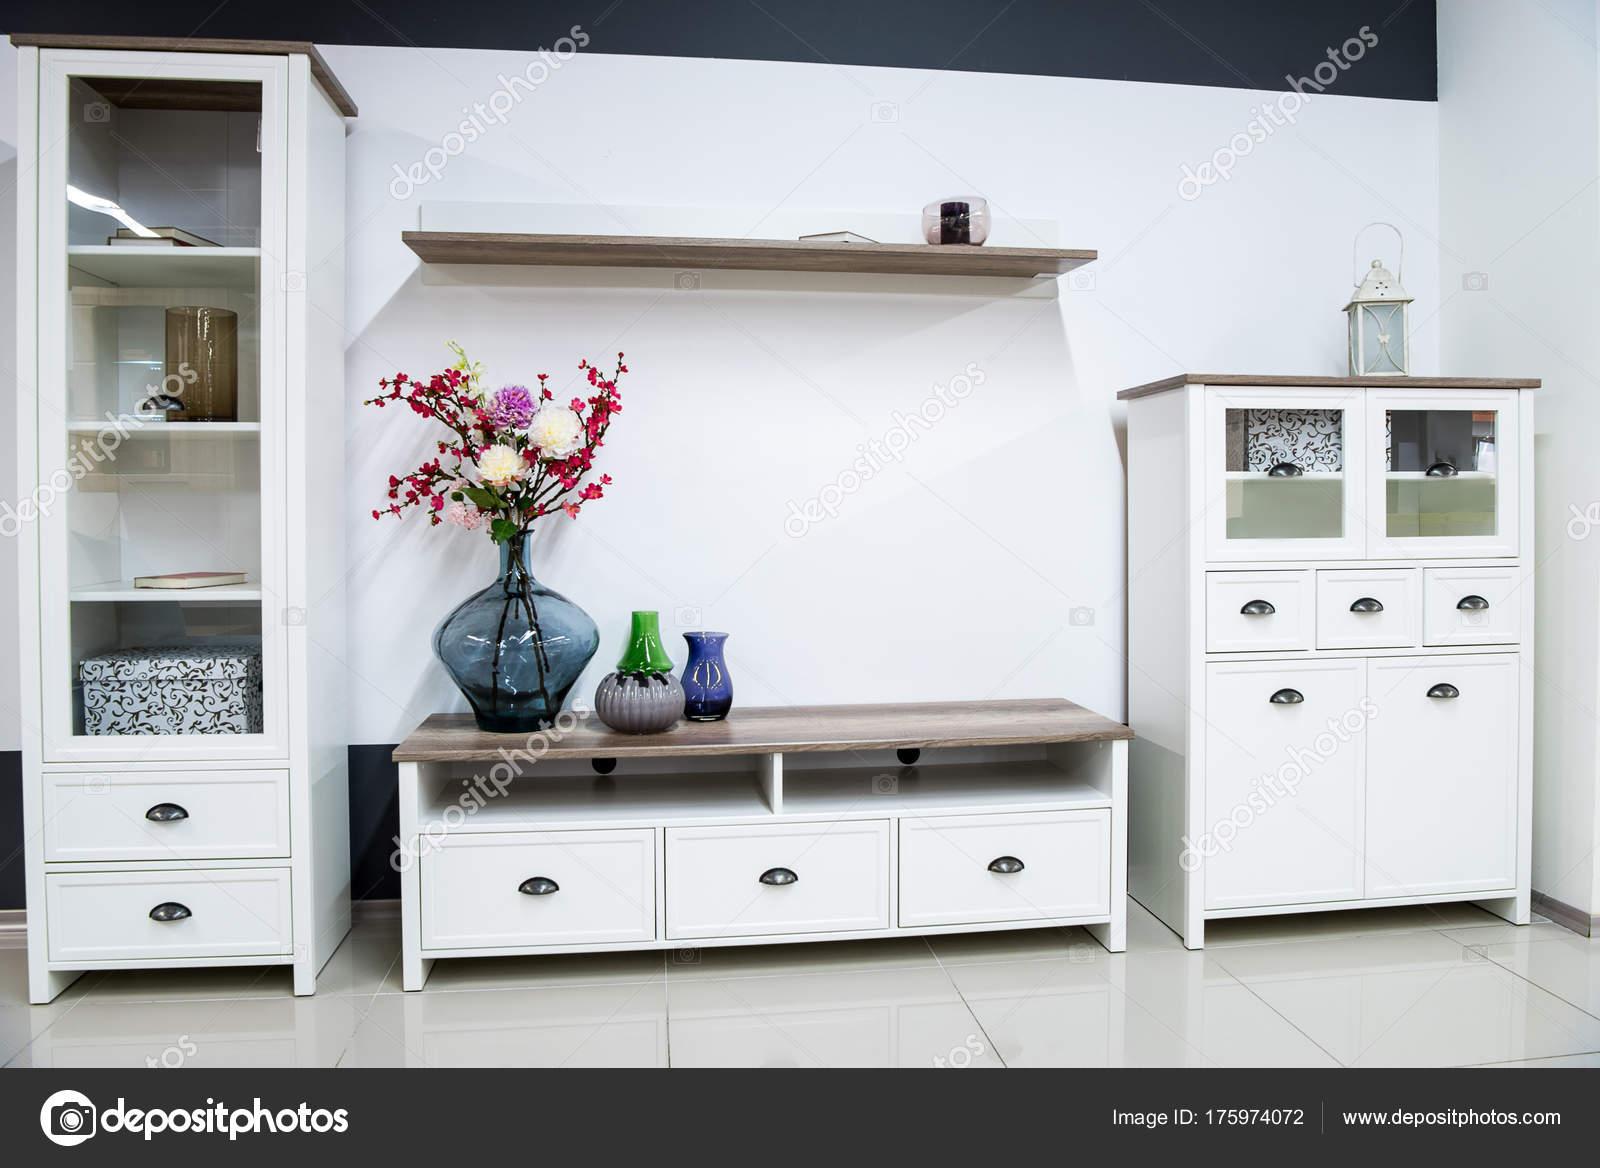 awesome moderne woonkamer interieur met kast stockfoto